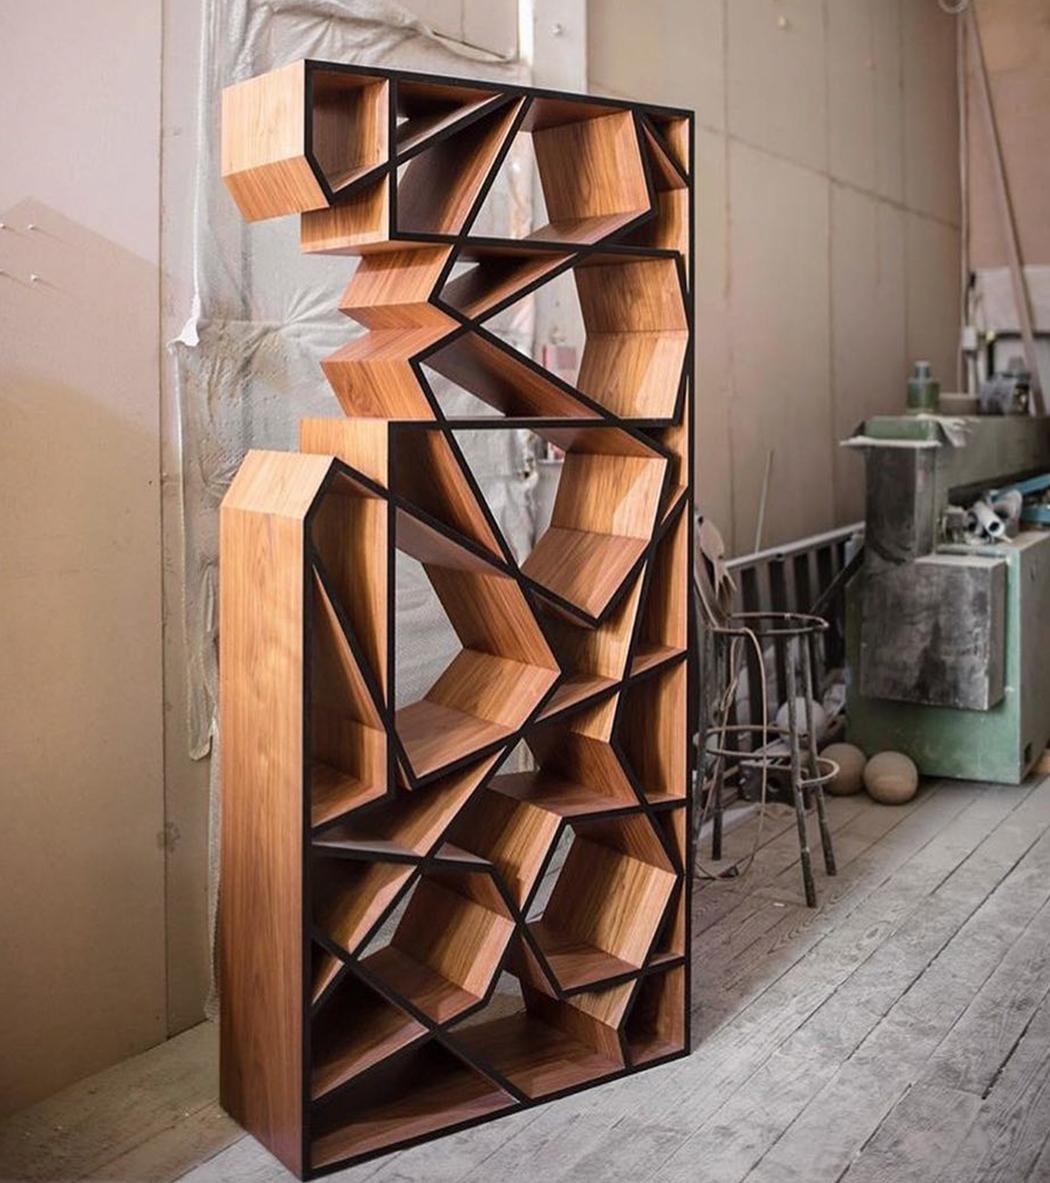 Bookshelf Designs As Unique As You Are Yanko Design